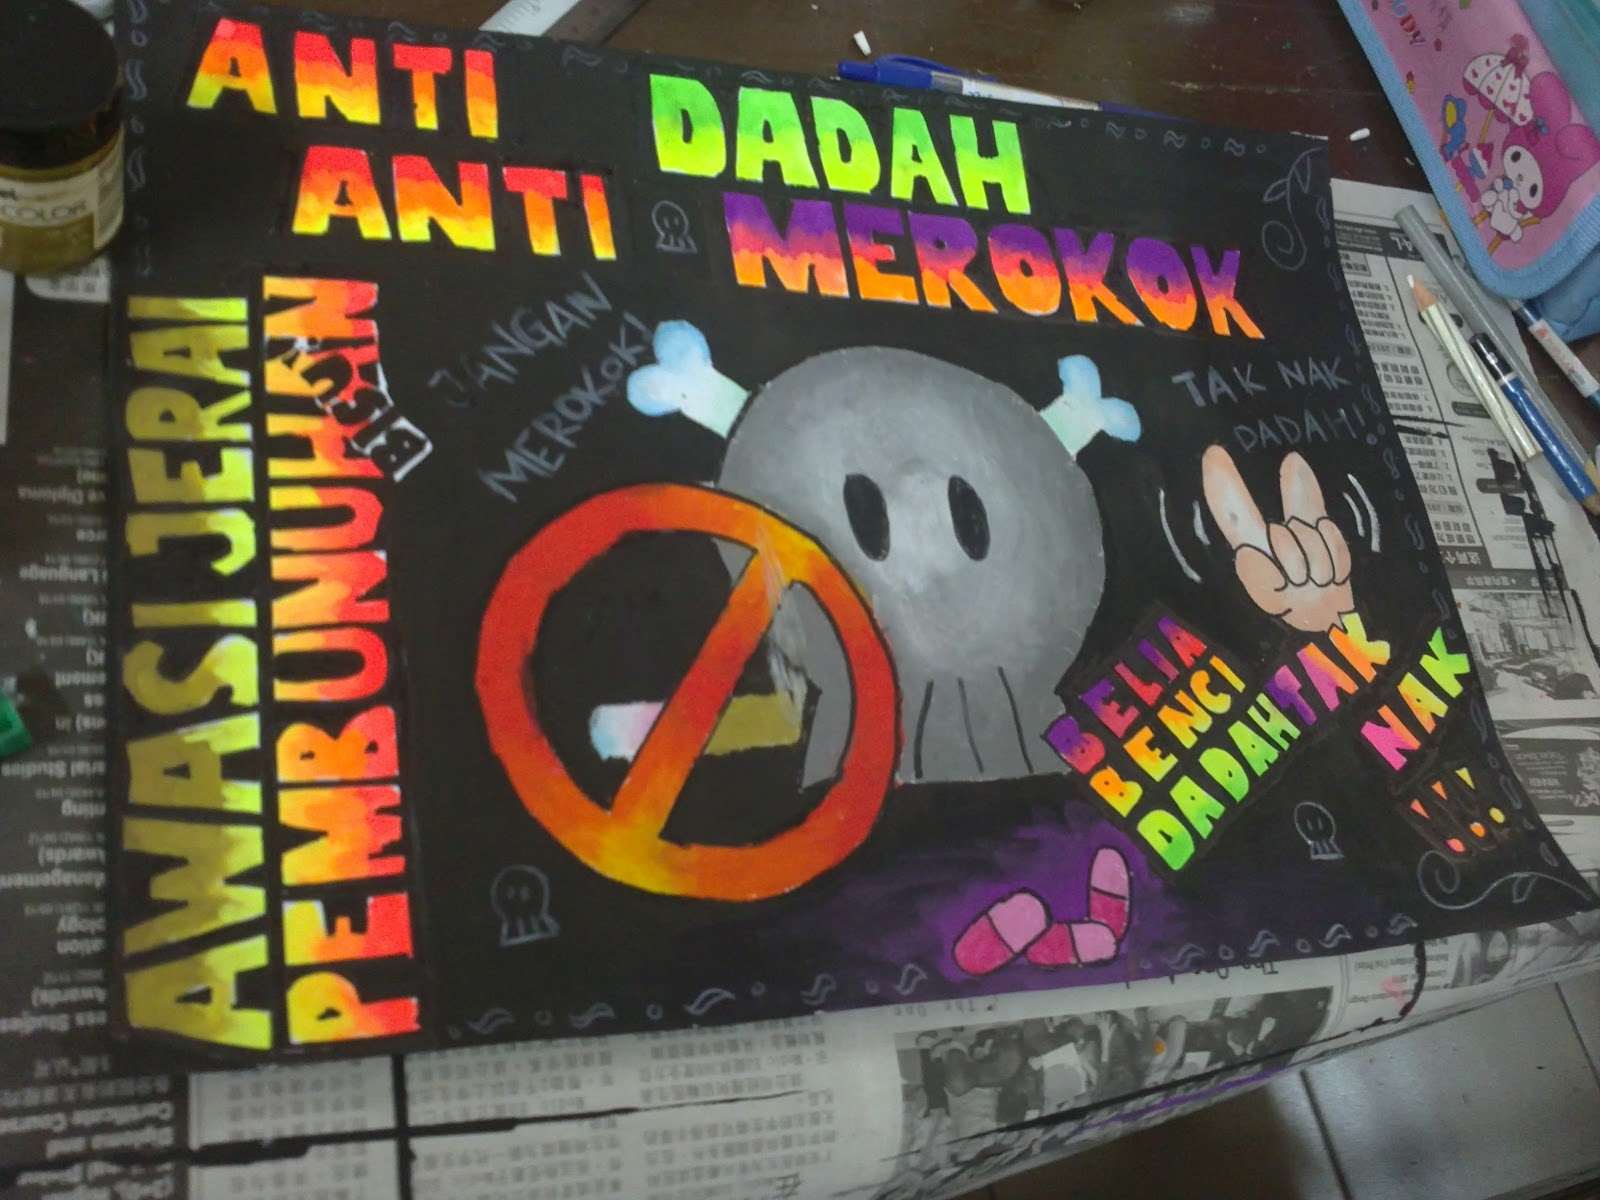 AKTIVITI : Pertandingan Melukis Poster Anti Dadah & Anti Merokok